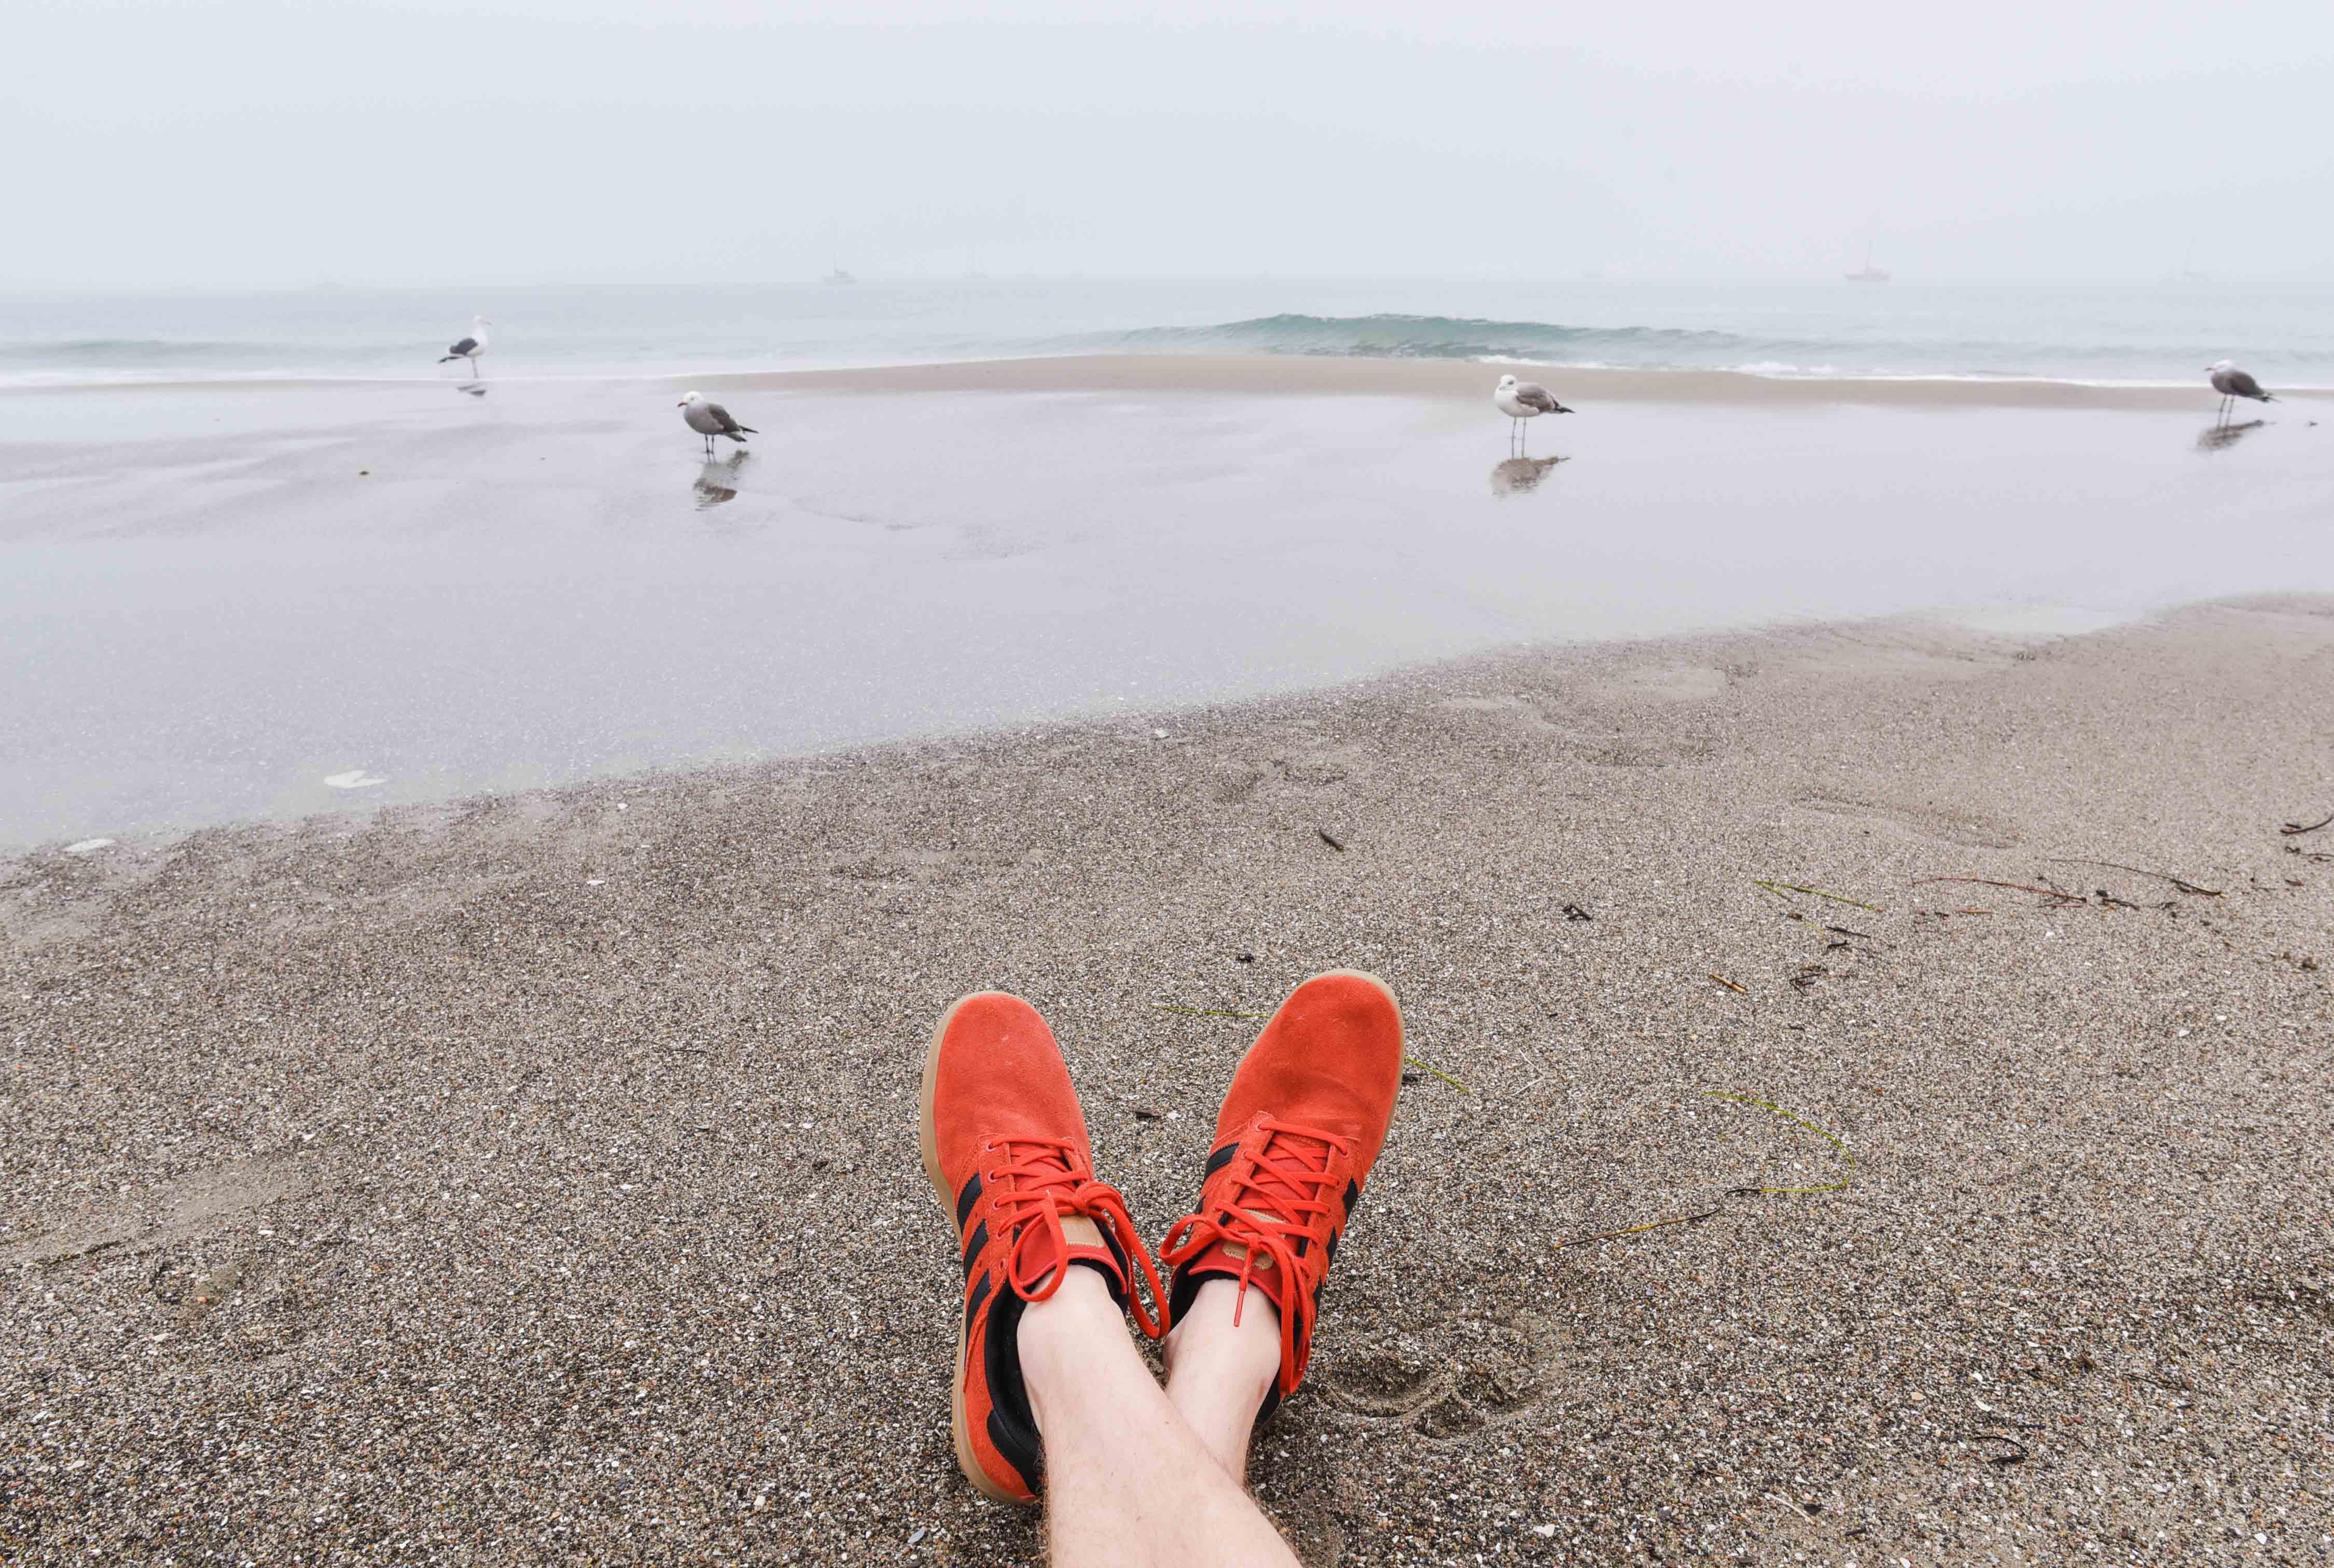 Gambar : pasir, Kaki, liburan, pantai laut, bahan, santai, camar